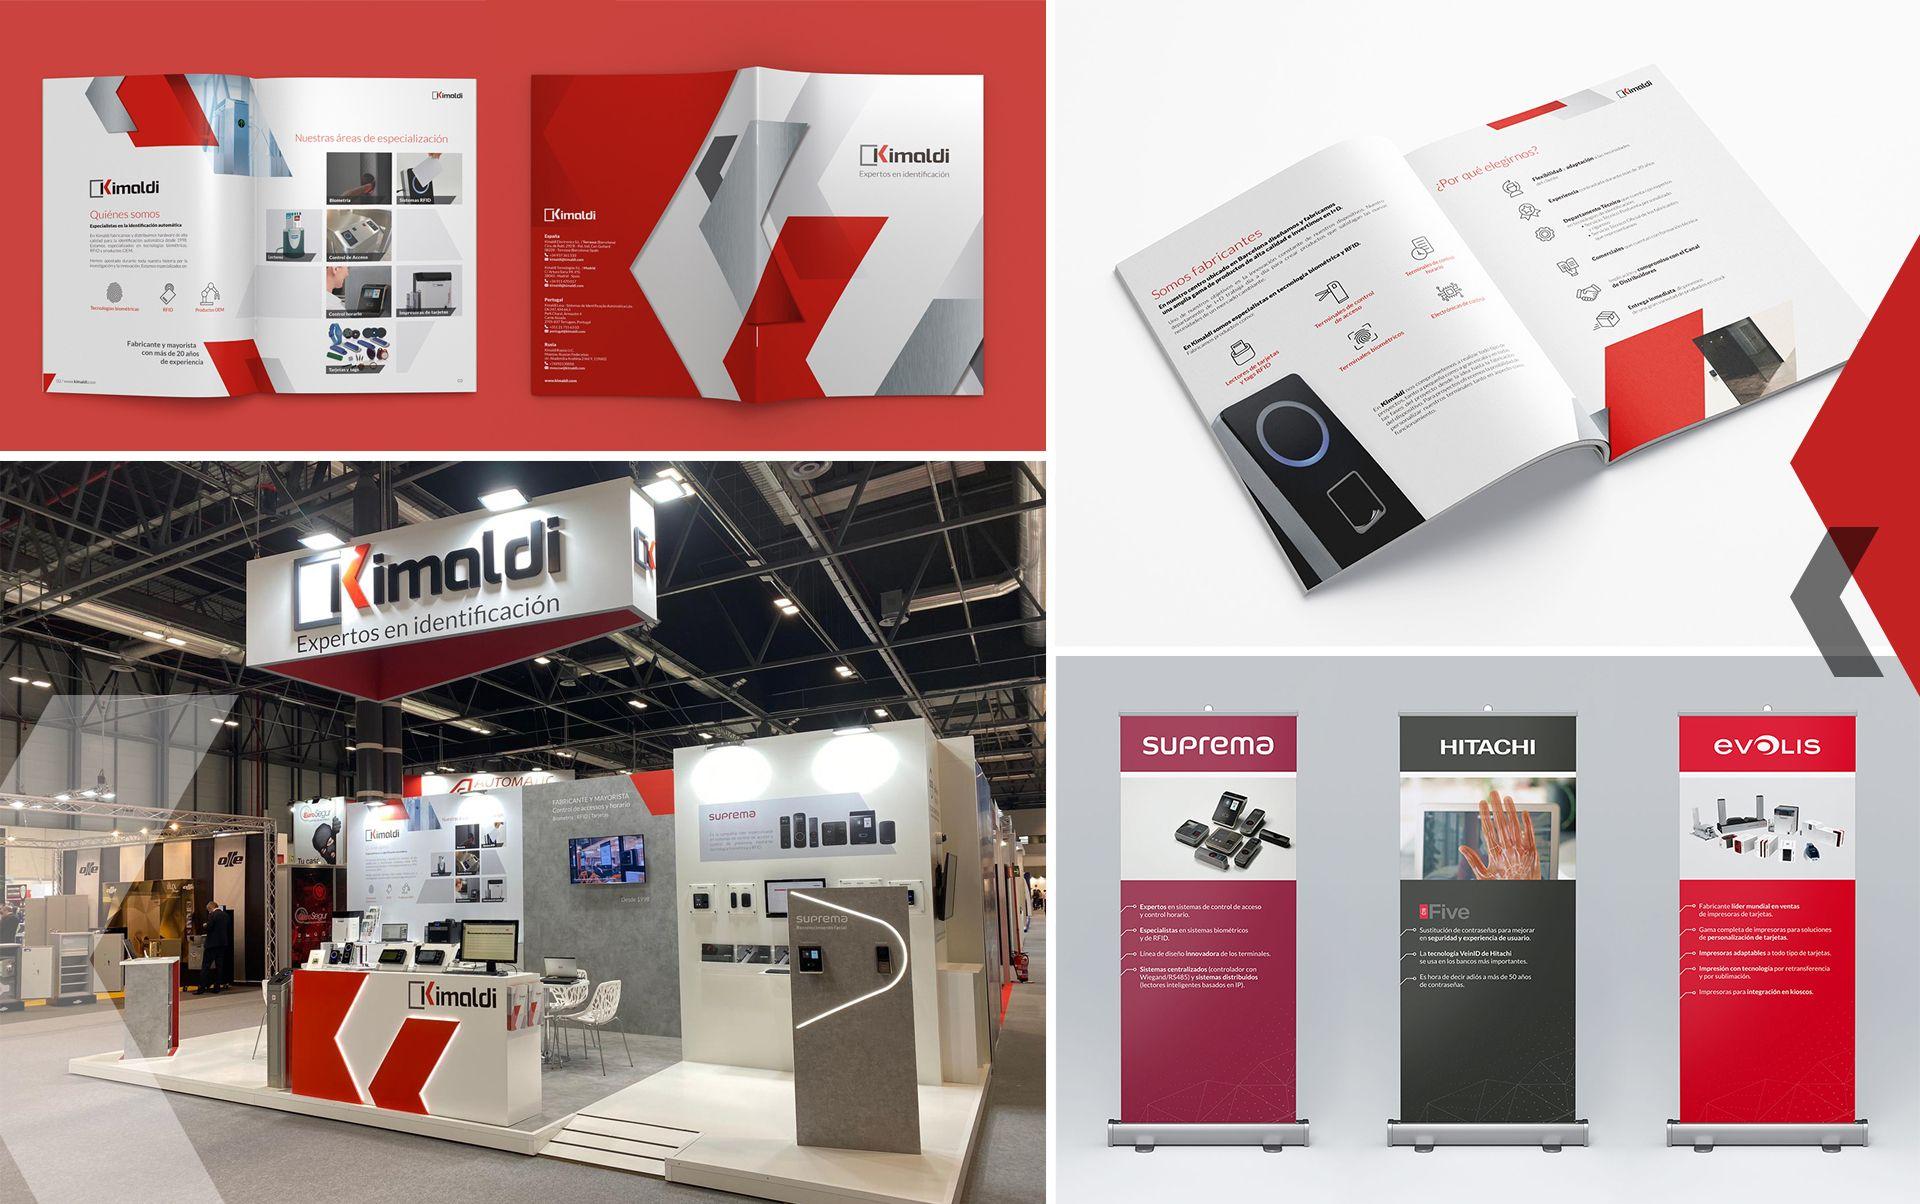 Catalogo de productos kimaldi - Restyling de marca y material corporativo